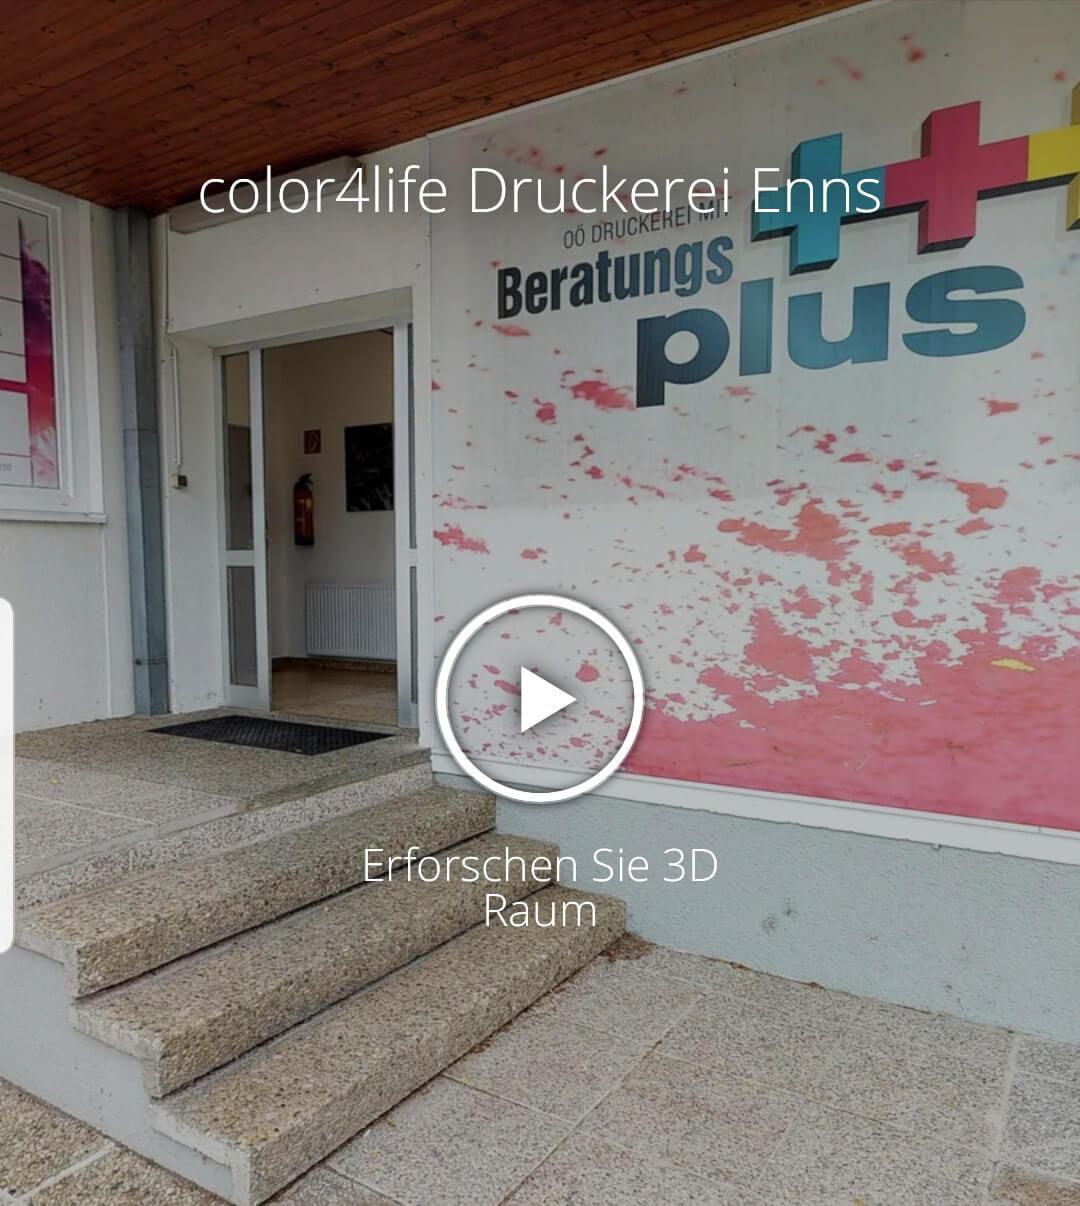 3D Rundgang der color4life Druckerei aus dem jahr 2019